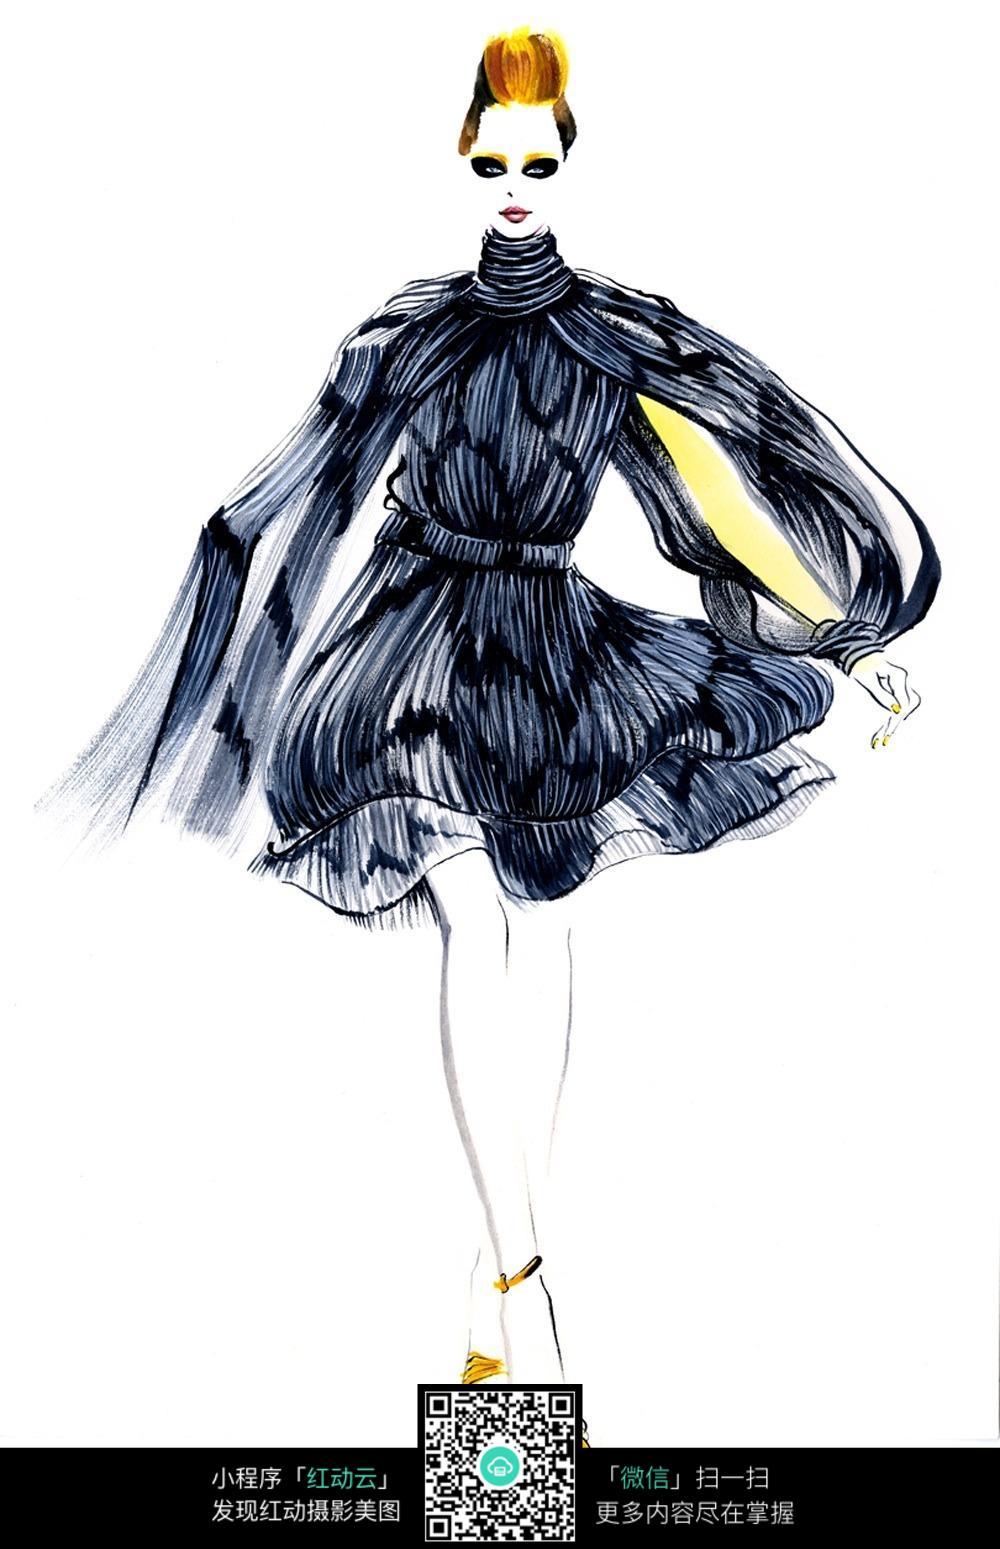 时尚手绘服装模特走秀